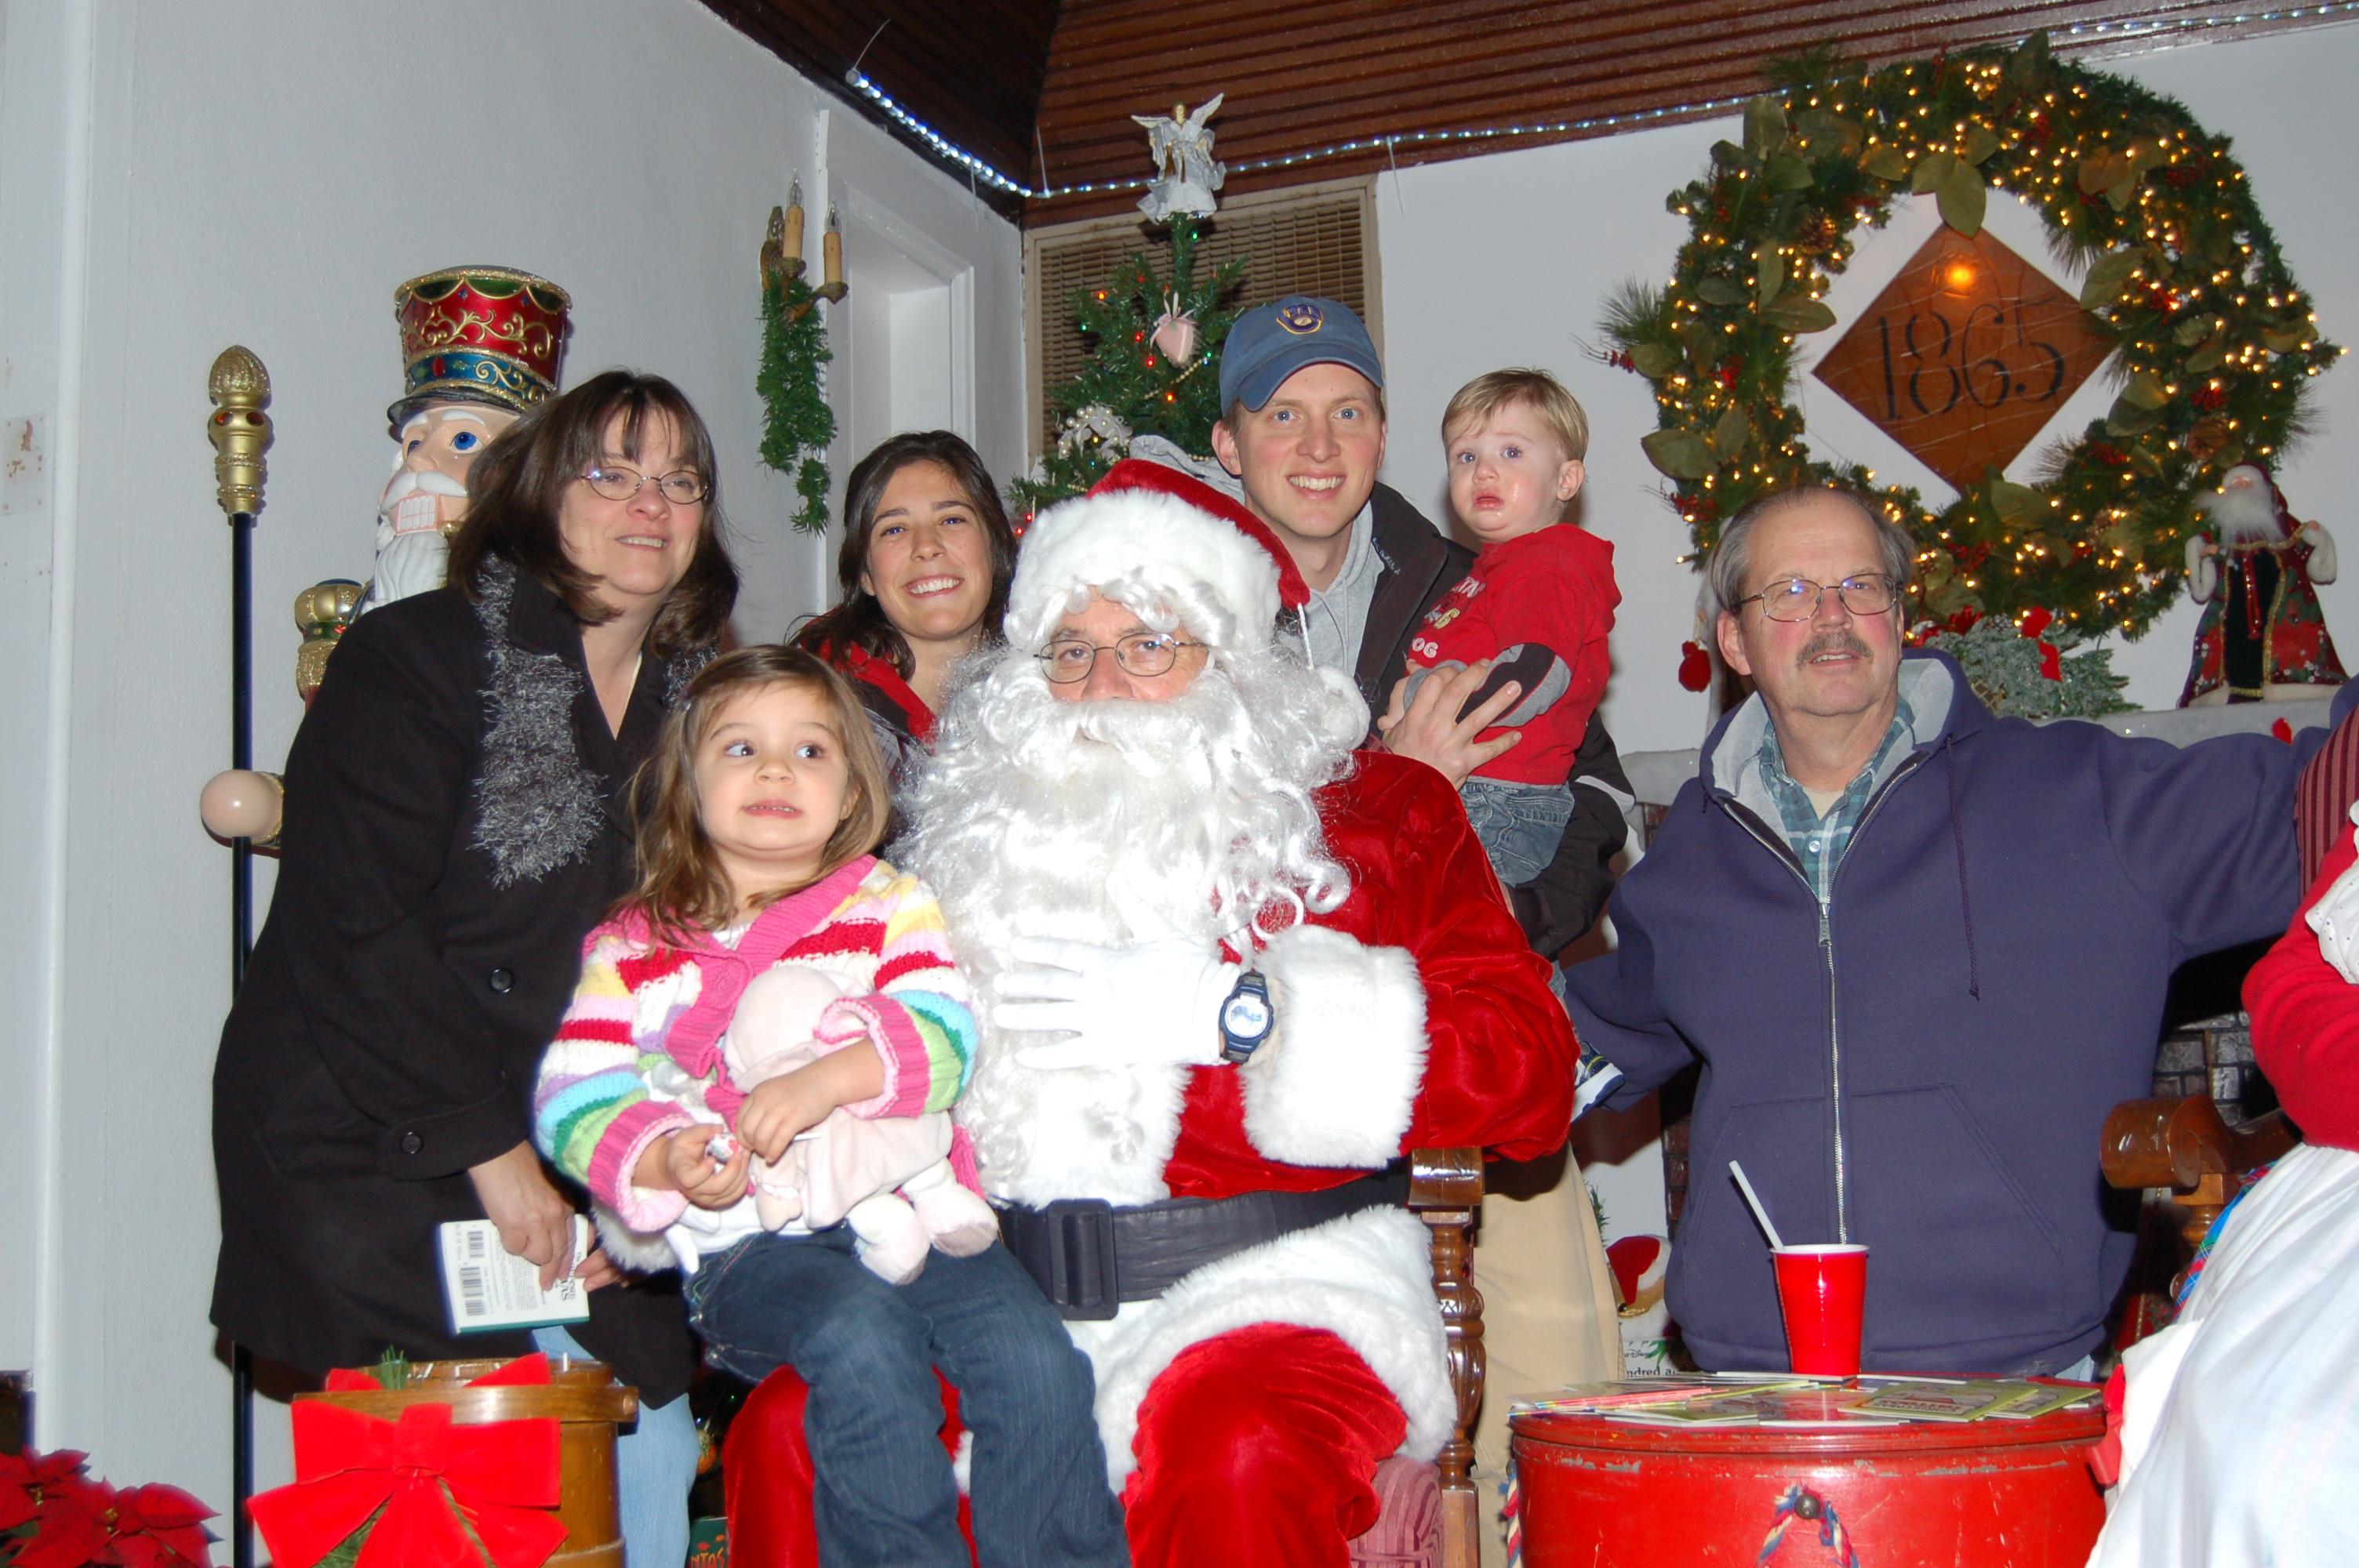 LolliPop+Lane+12-12-2008+Picture+031.jpg